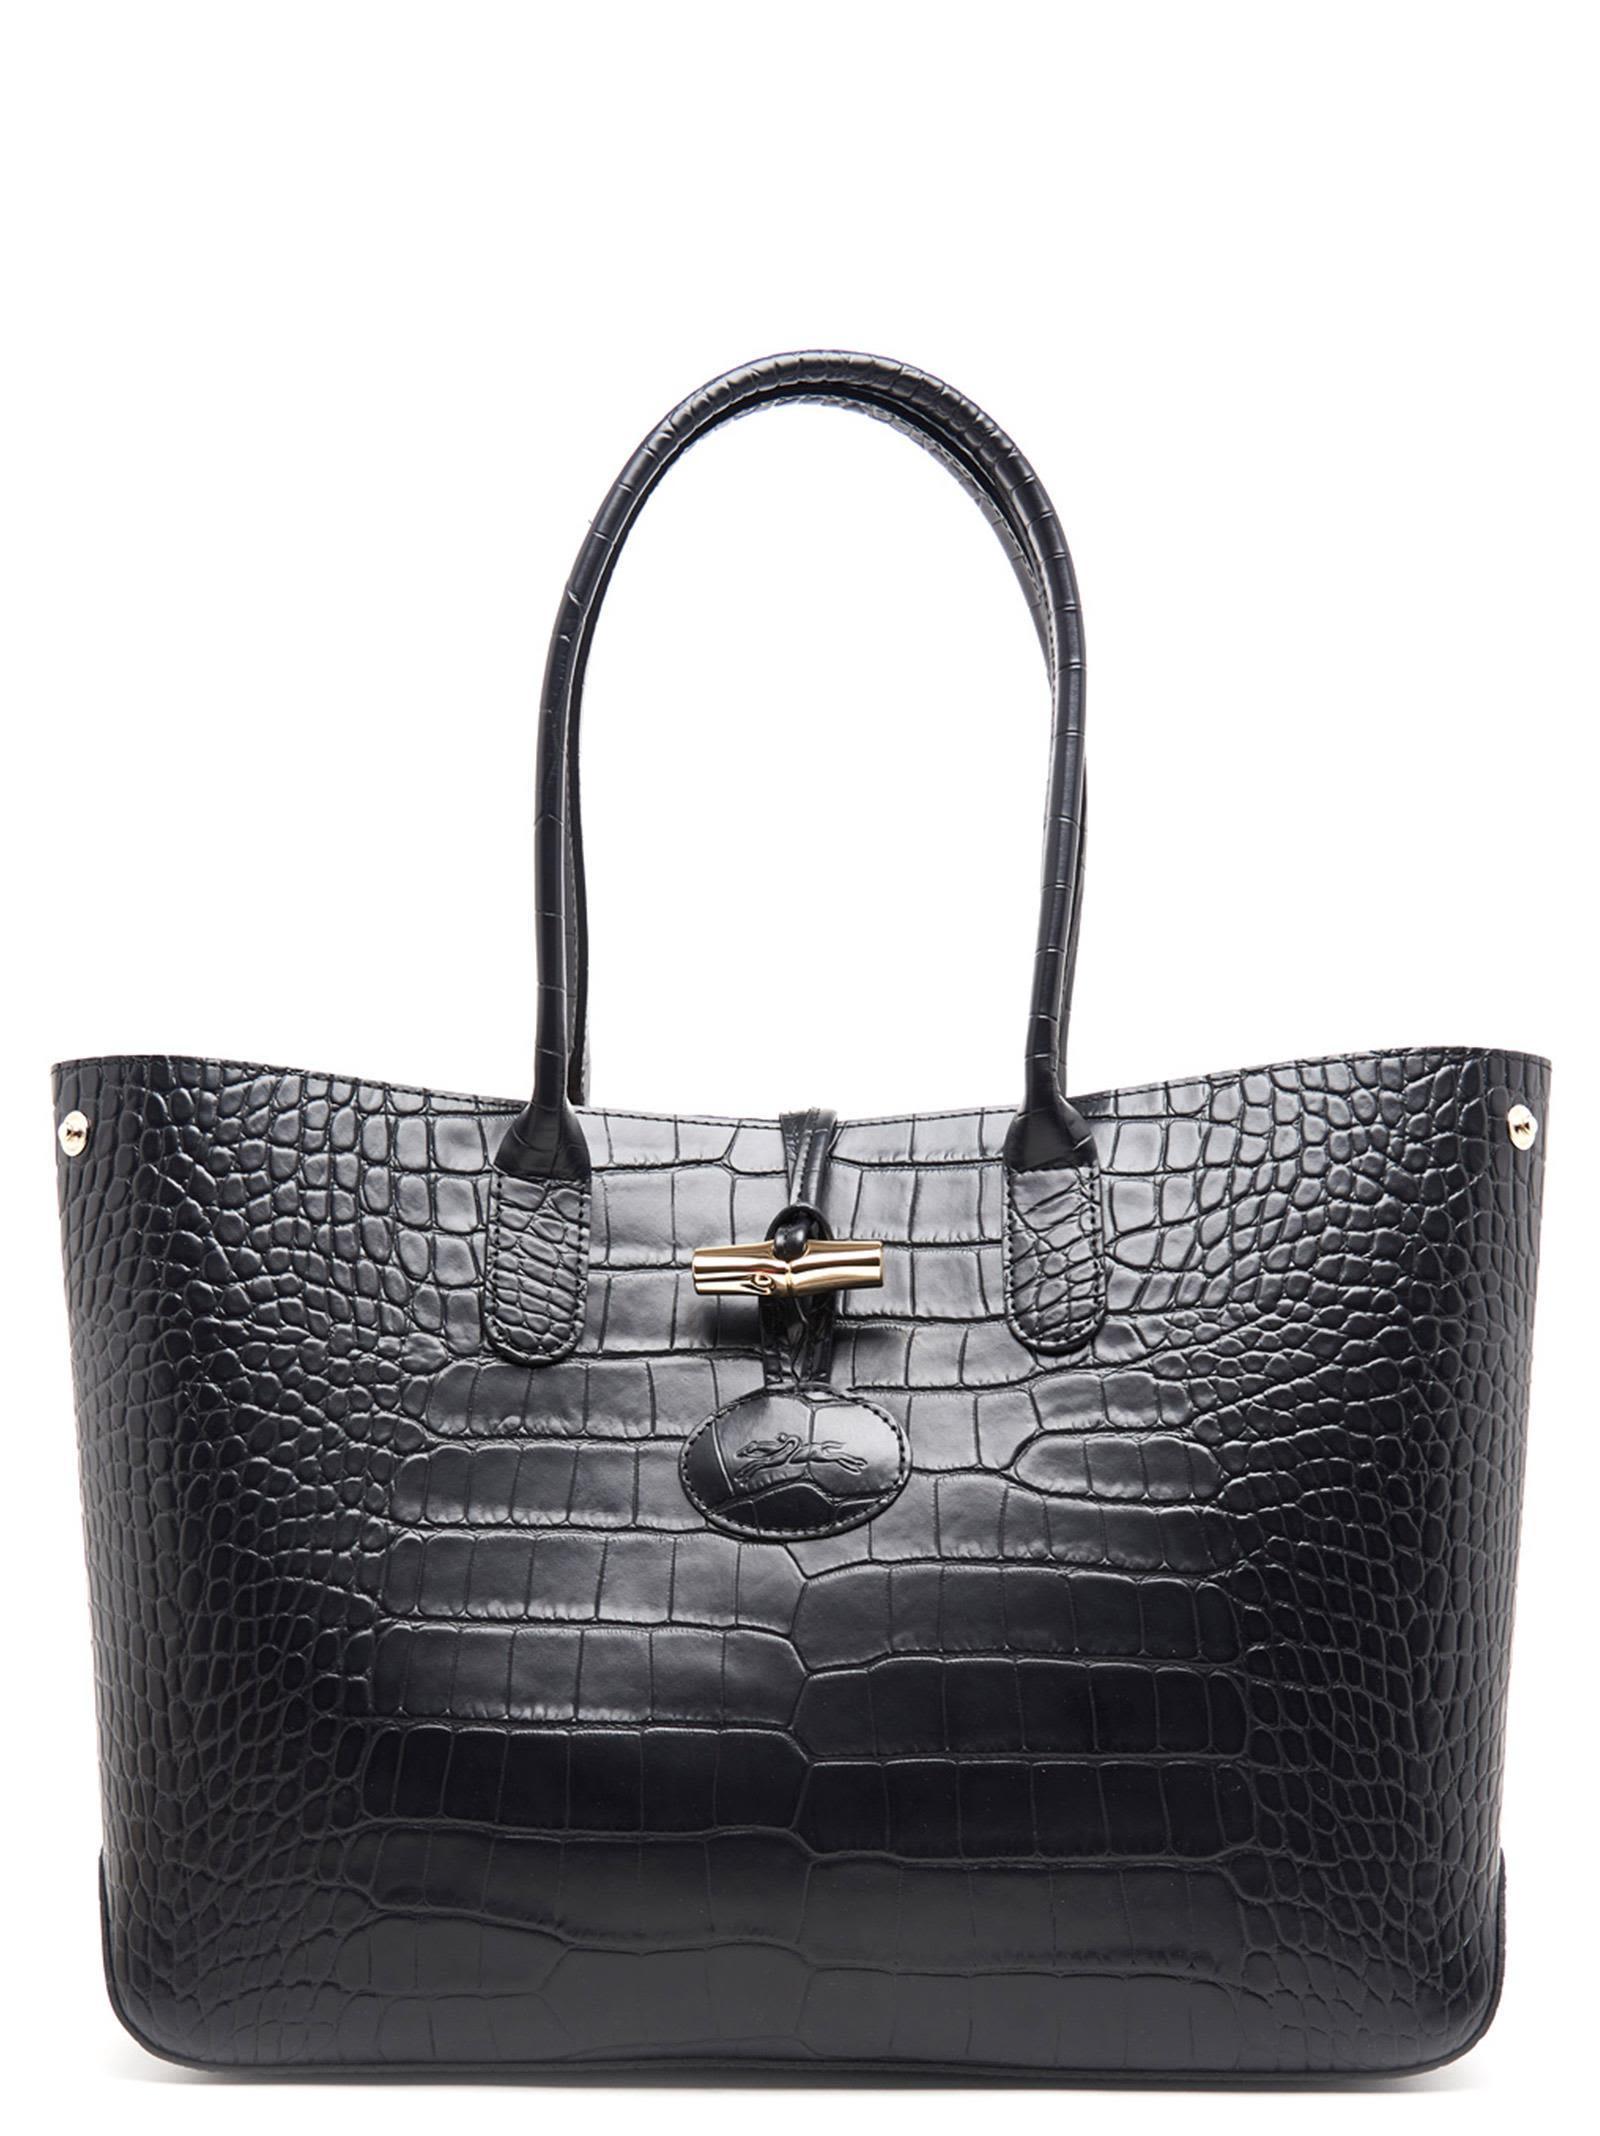 Longchamp 'roseau ' Bag In Black